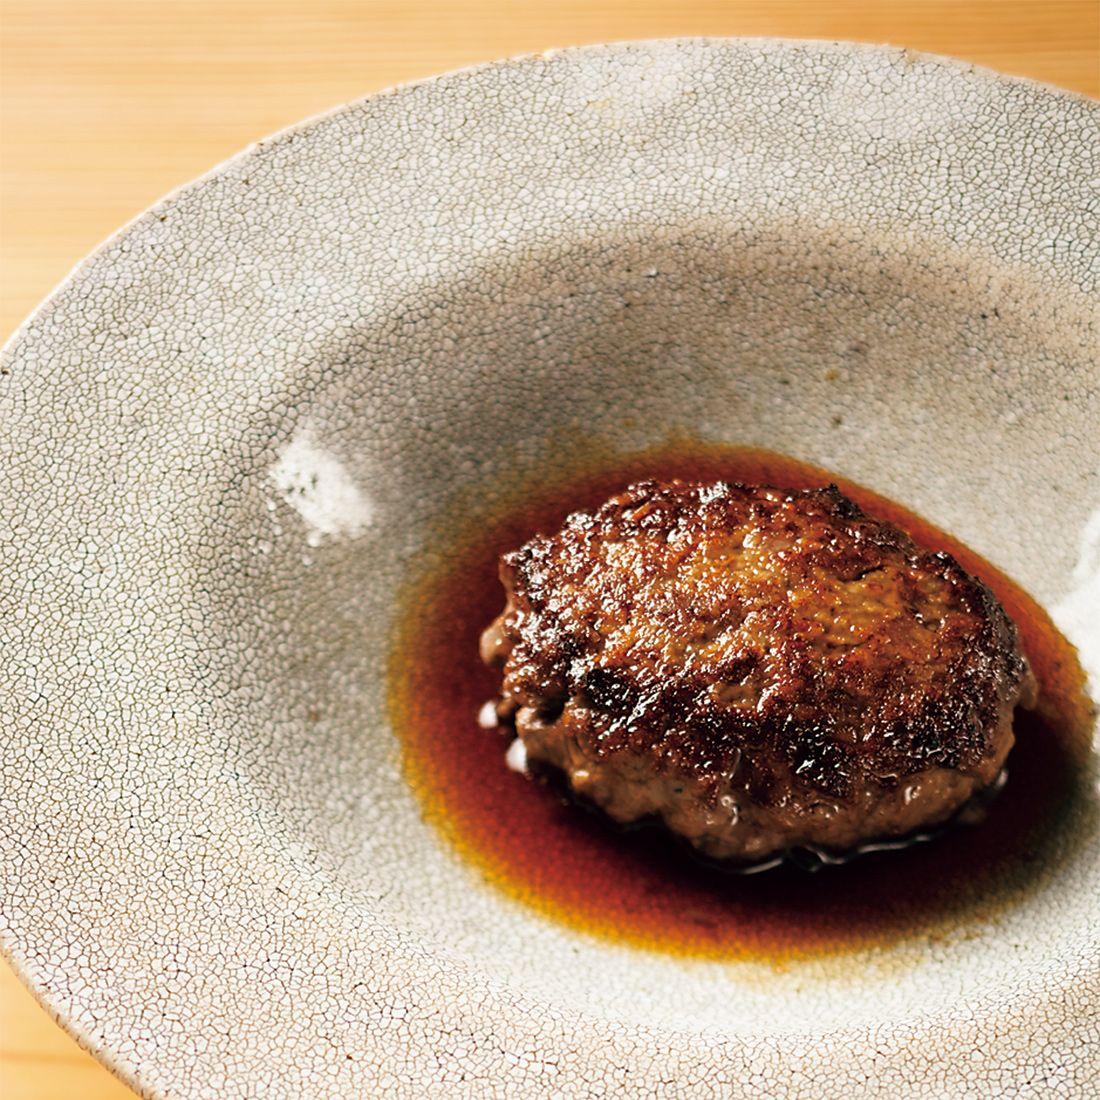 幻のブランド牛といわれる岡山県産蔓草牛を使用。